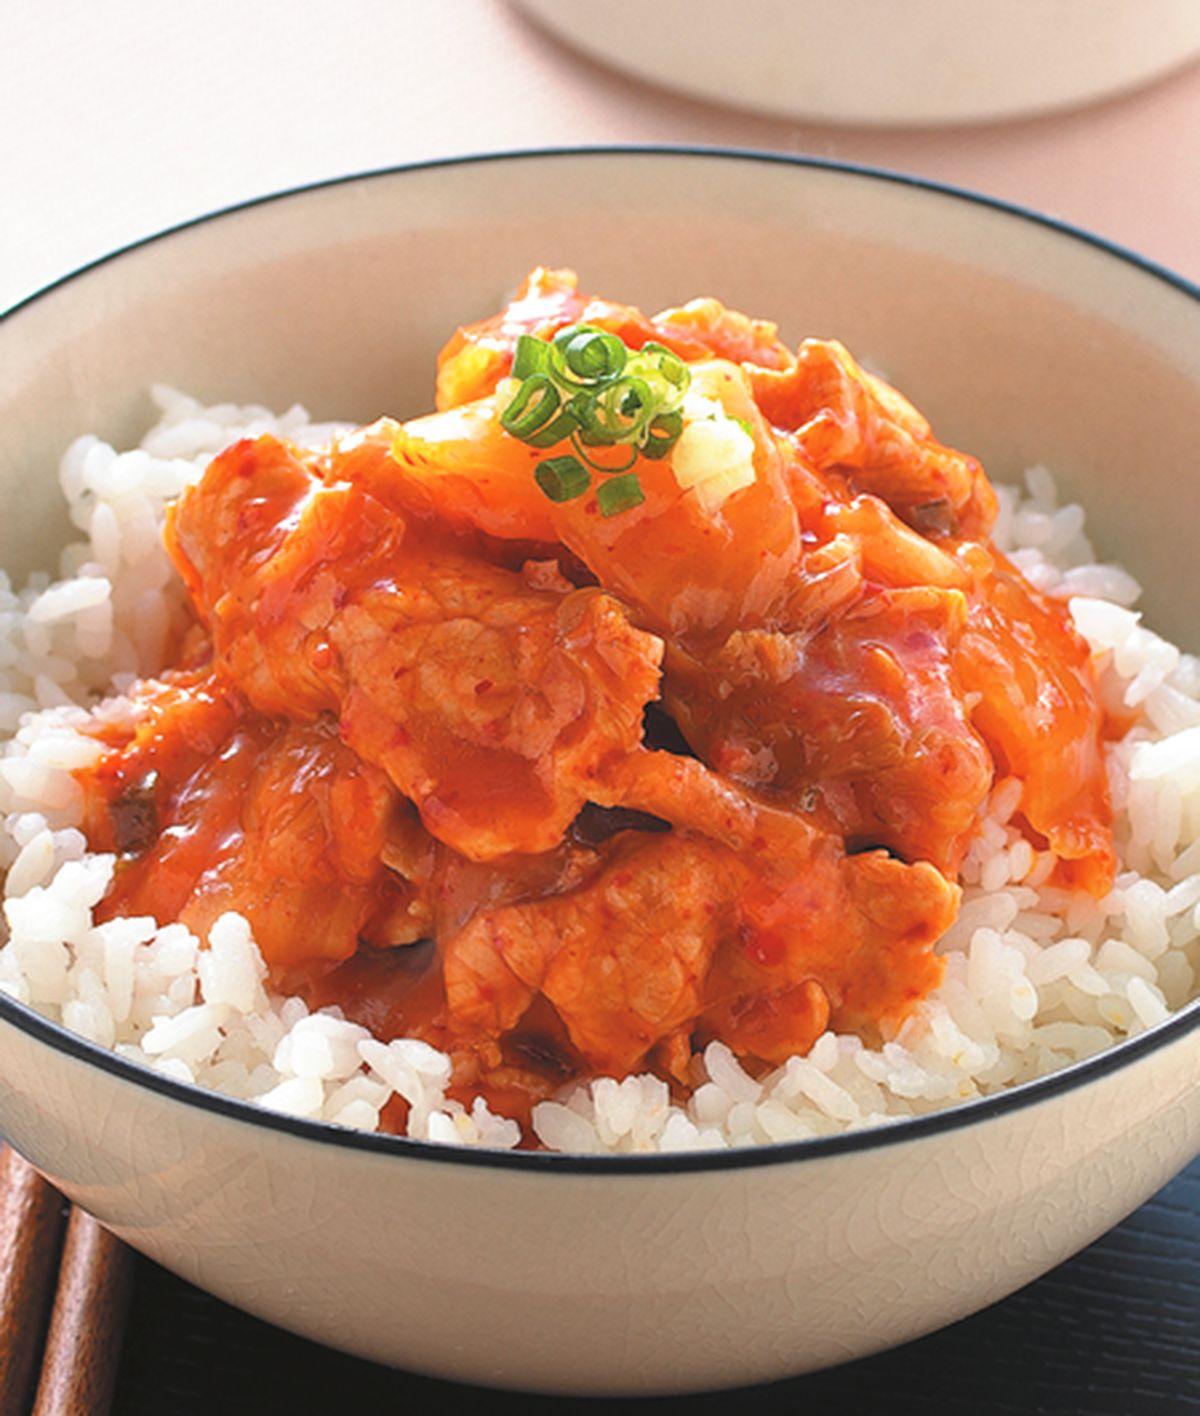 食譜:泡菜燒肉蓋飯